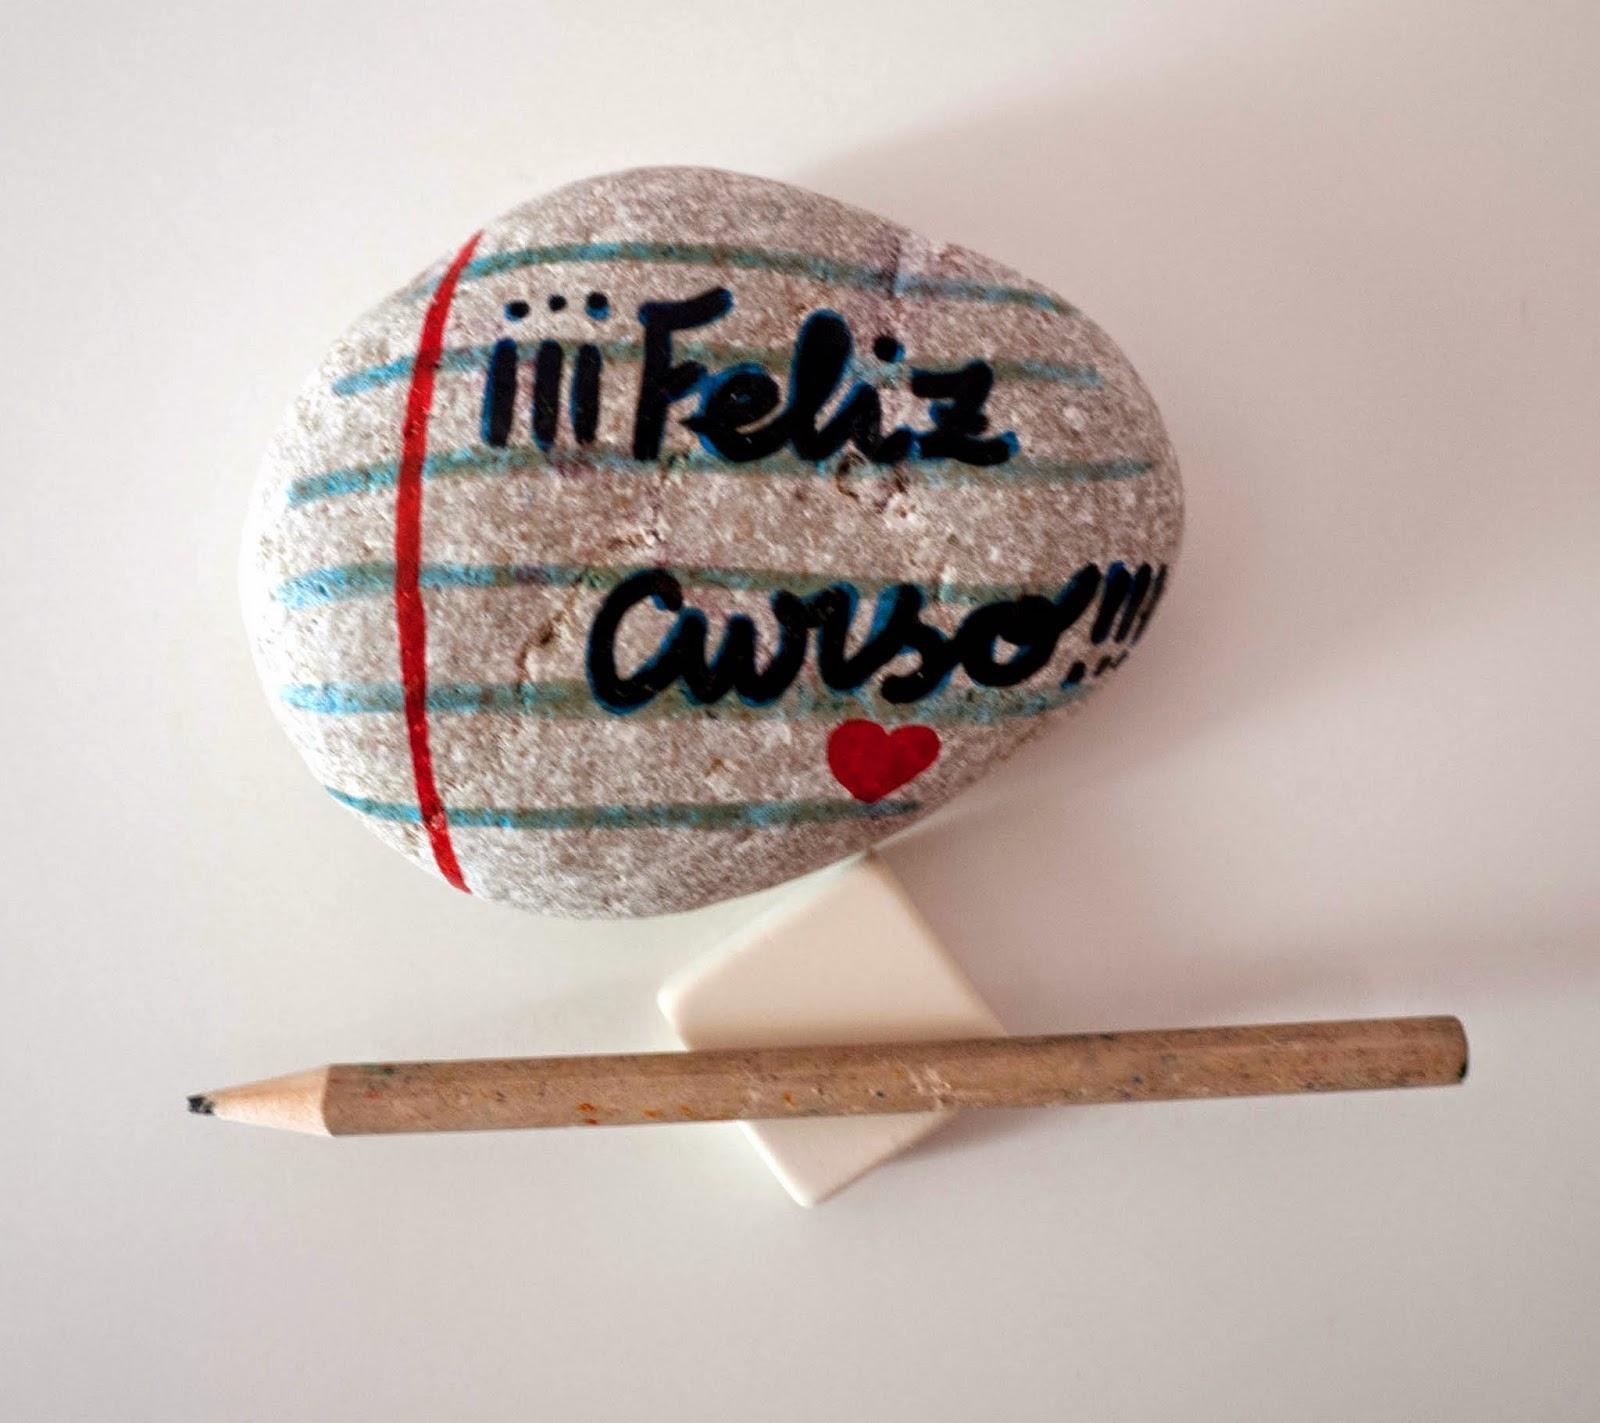 """Piedra con el mensaje """"¡¡¡Feliz curso!!!"""" pintado encima y un corazoncito dibujado en una pauta de hoja escolar."""